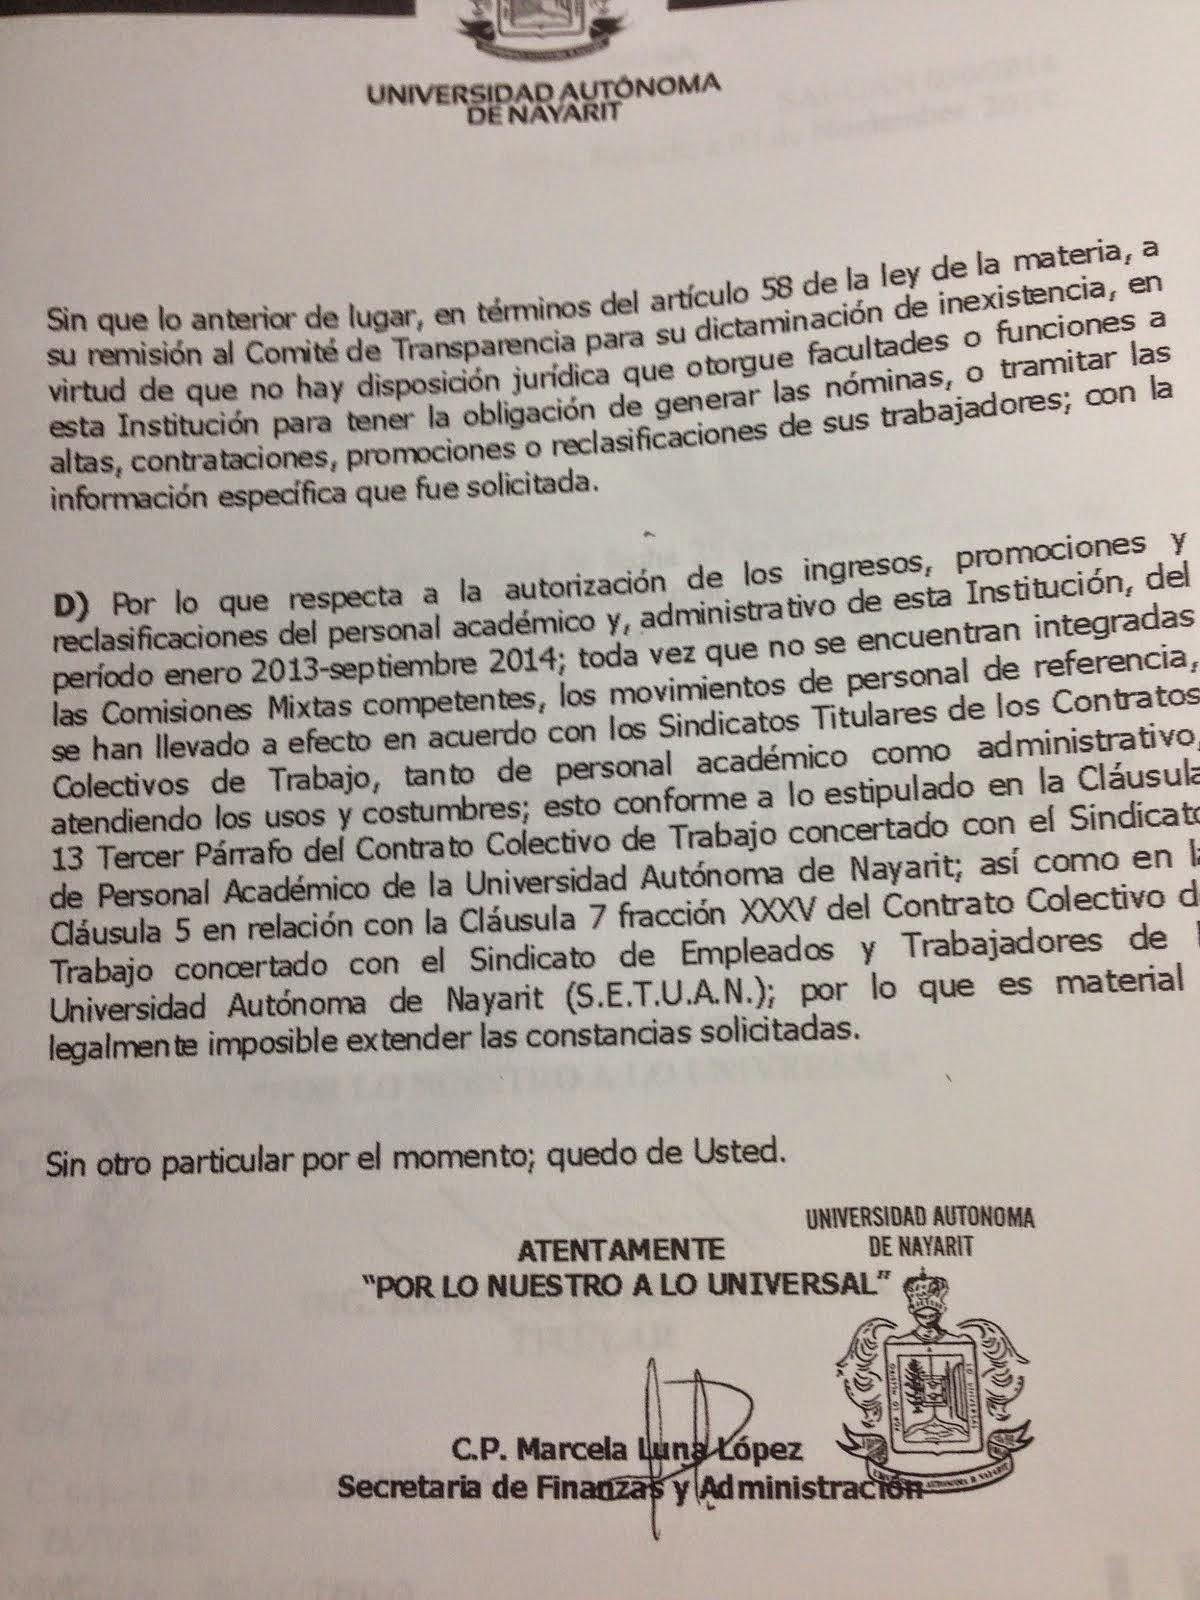 RECONOCIMIENTO OFICIAL DEL TRAFICO DE INFLUENCIAS EN LA UAN